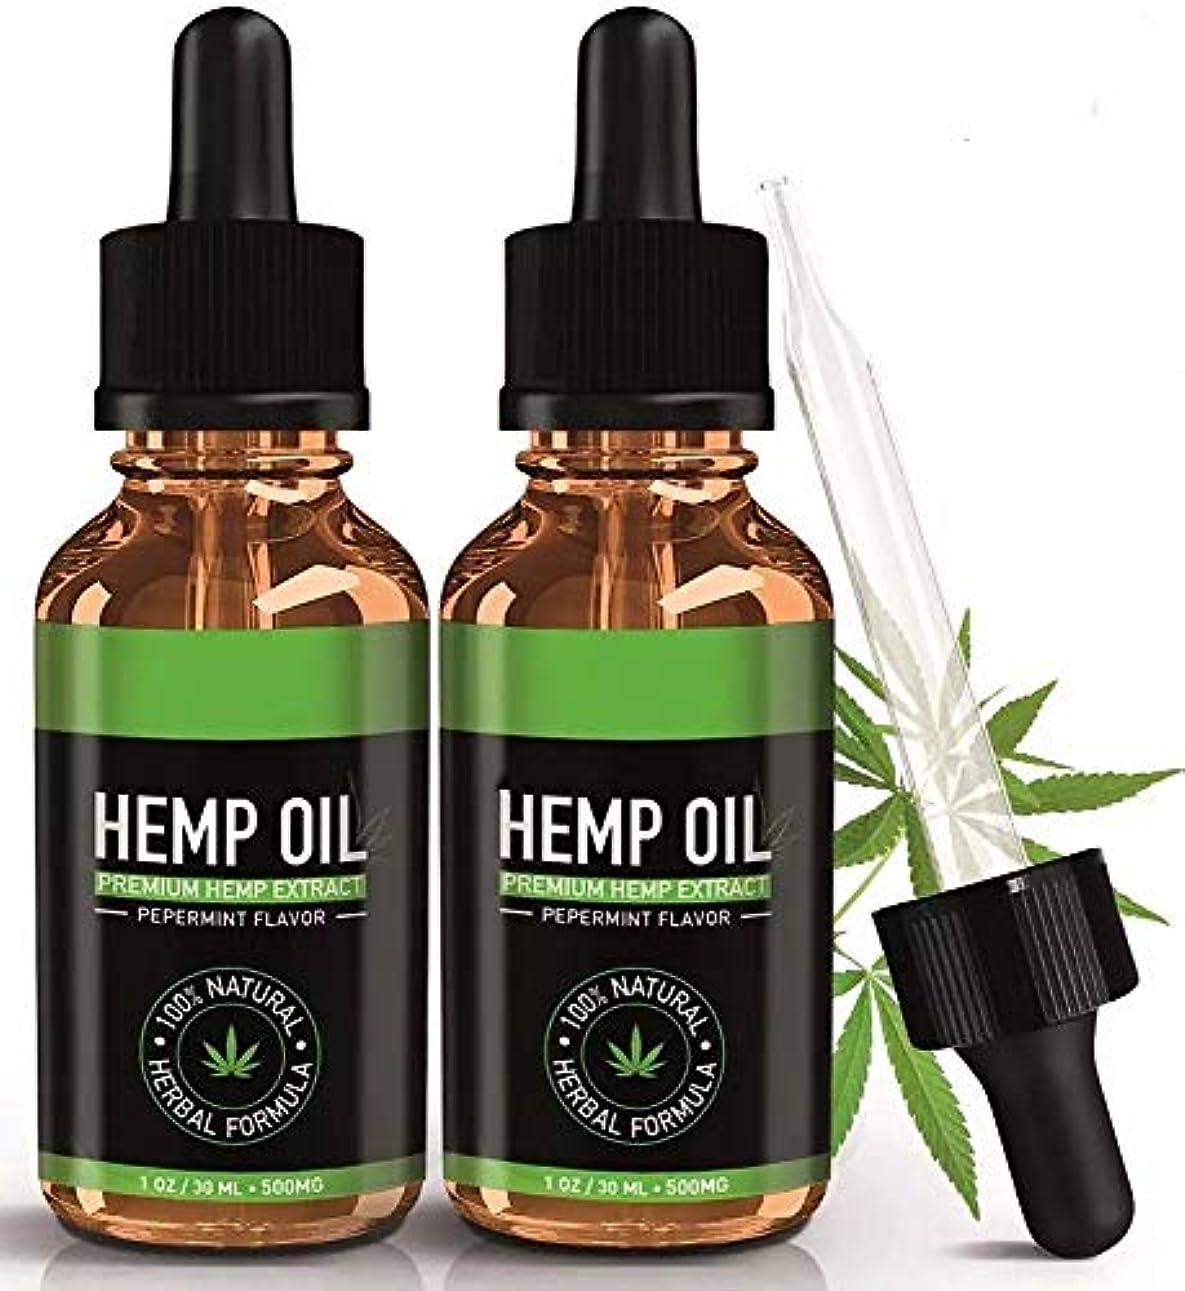 素晴らしい起こる忠実にHEMP OIL FOR PAIN RELIEF ヘンプオイル PEPPERMINT FLAVOR ORGANIC